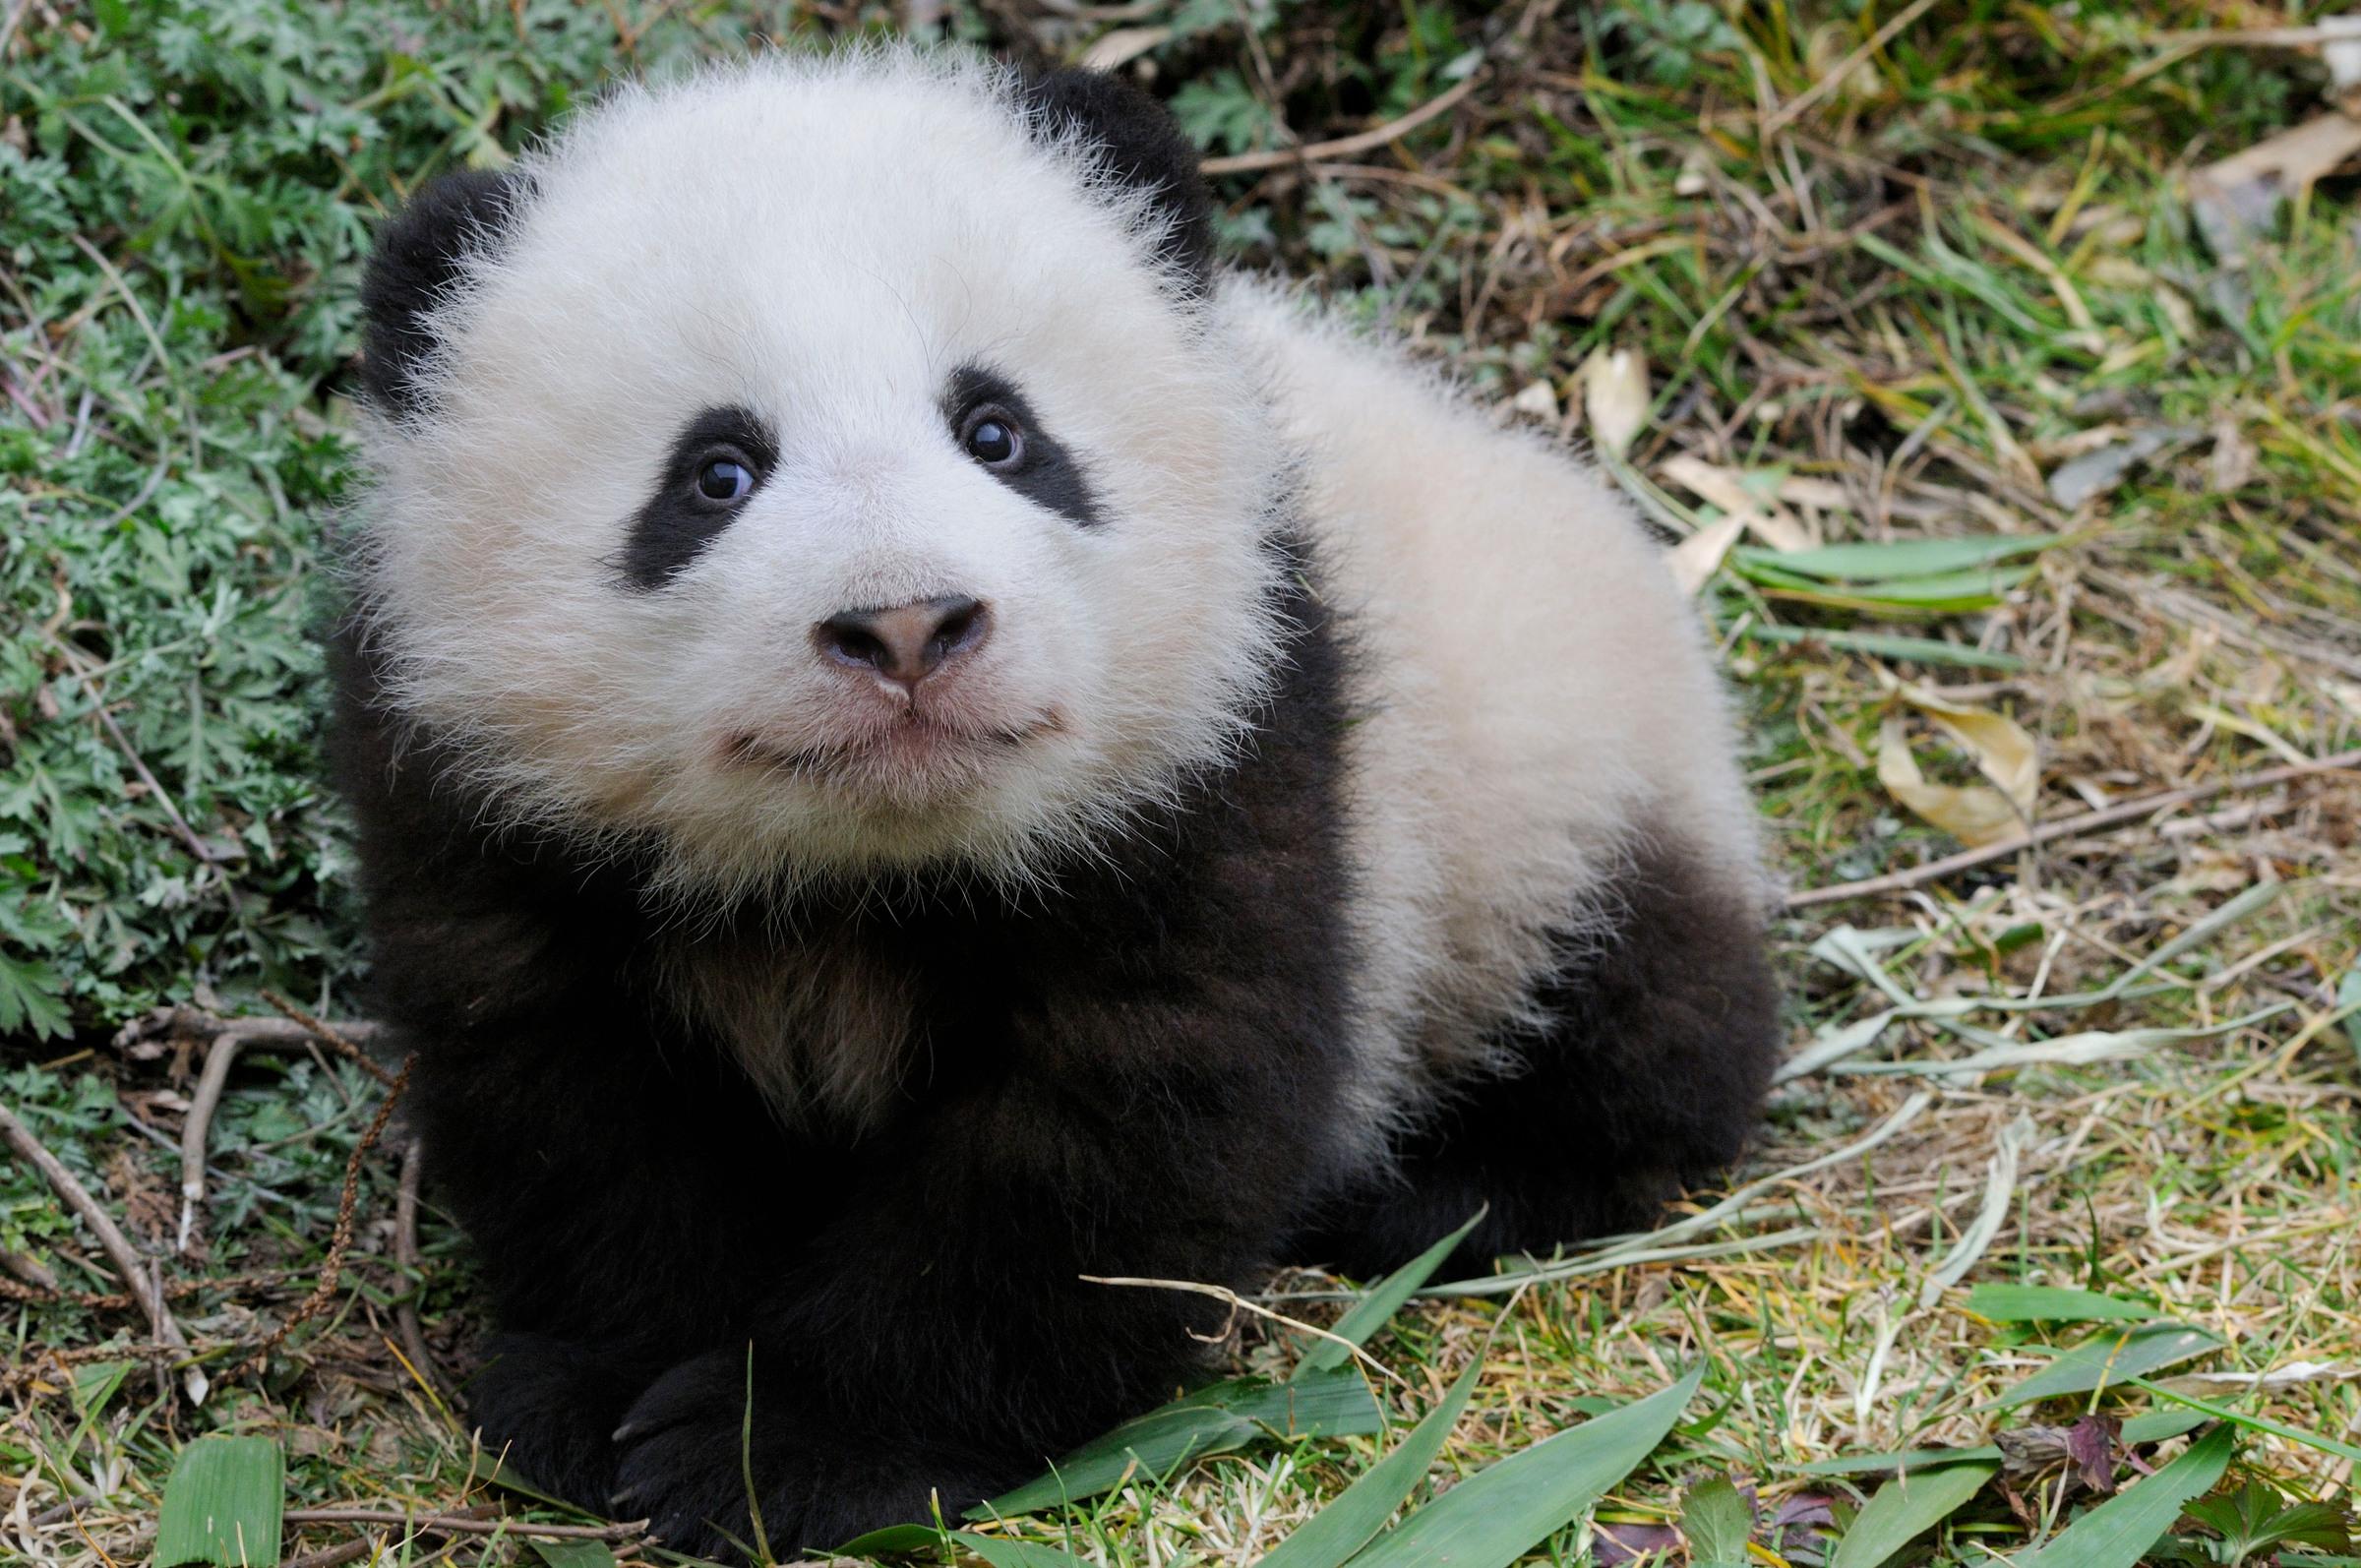 5 Monate alter Grosser Panda, Wolong, China